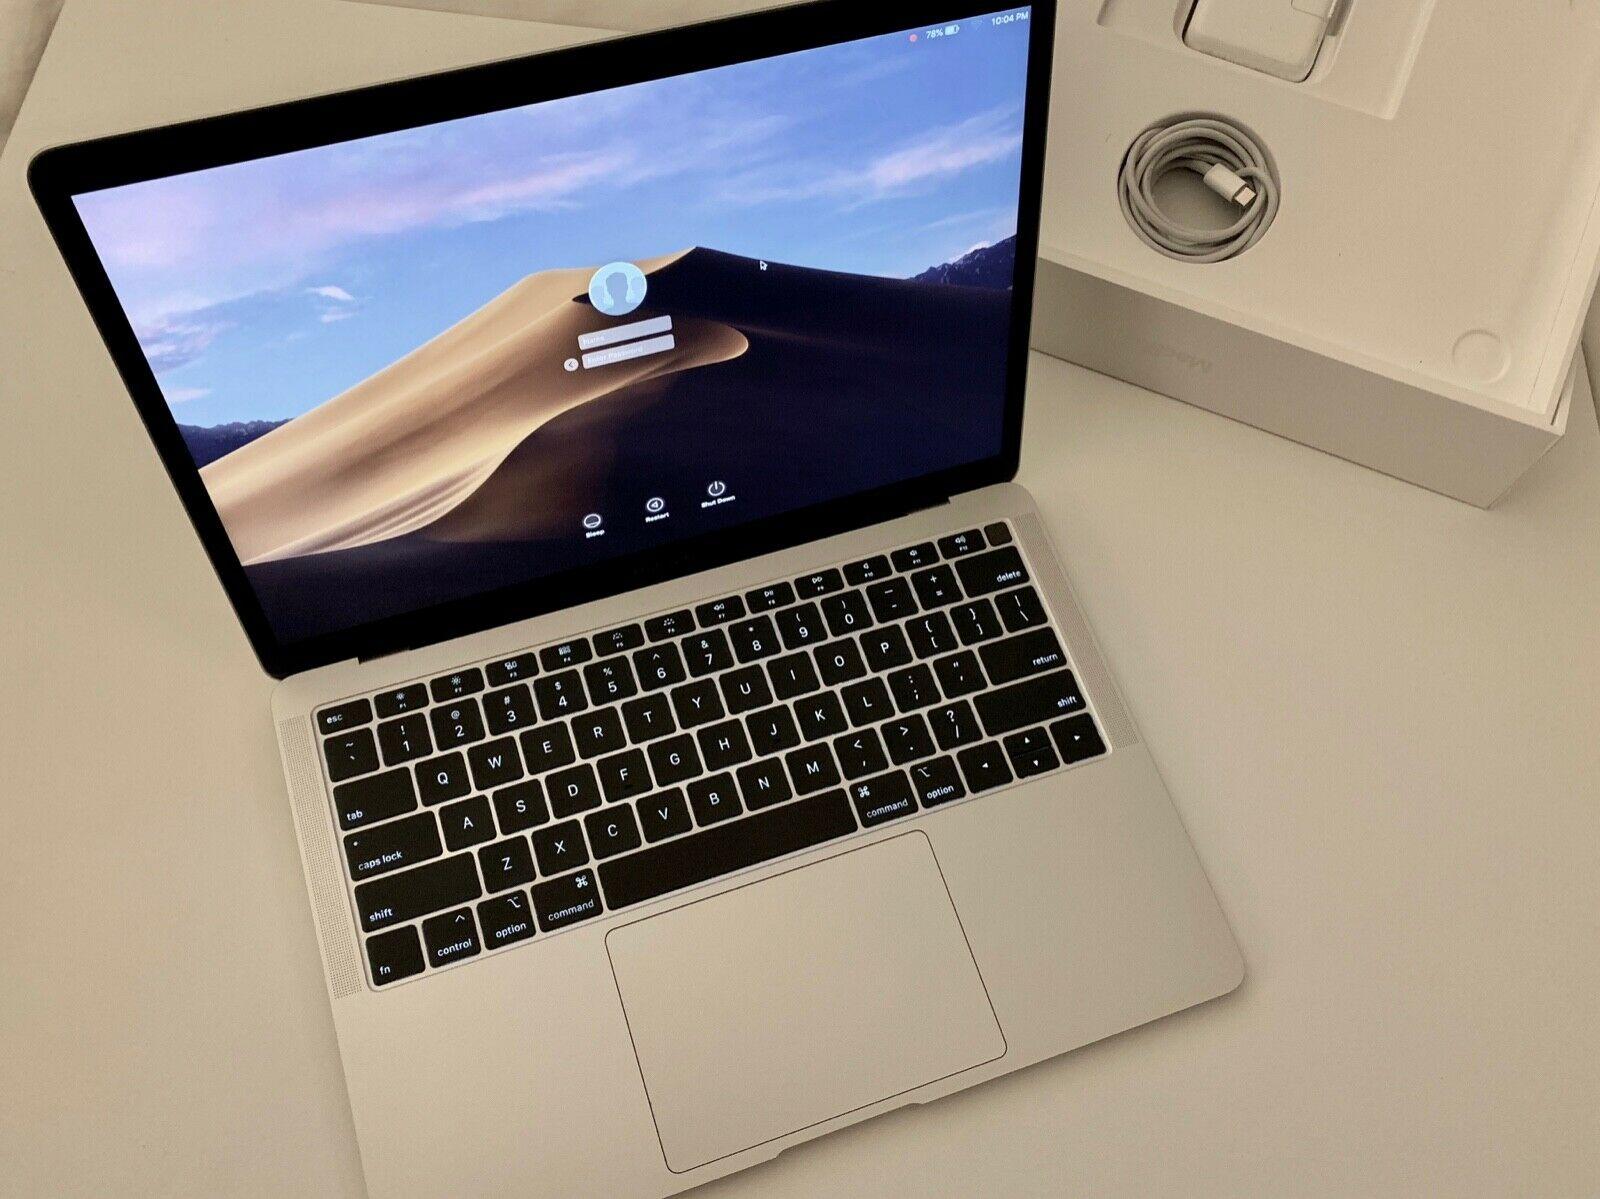 macbookair1.jpg